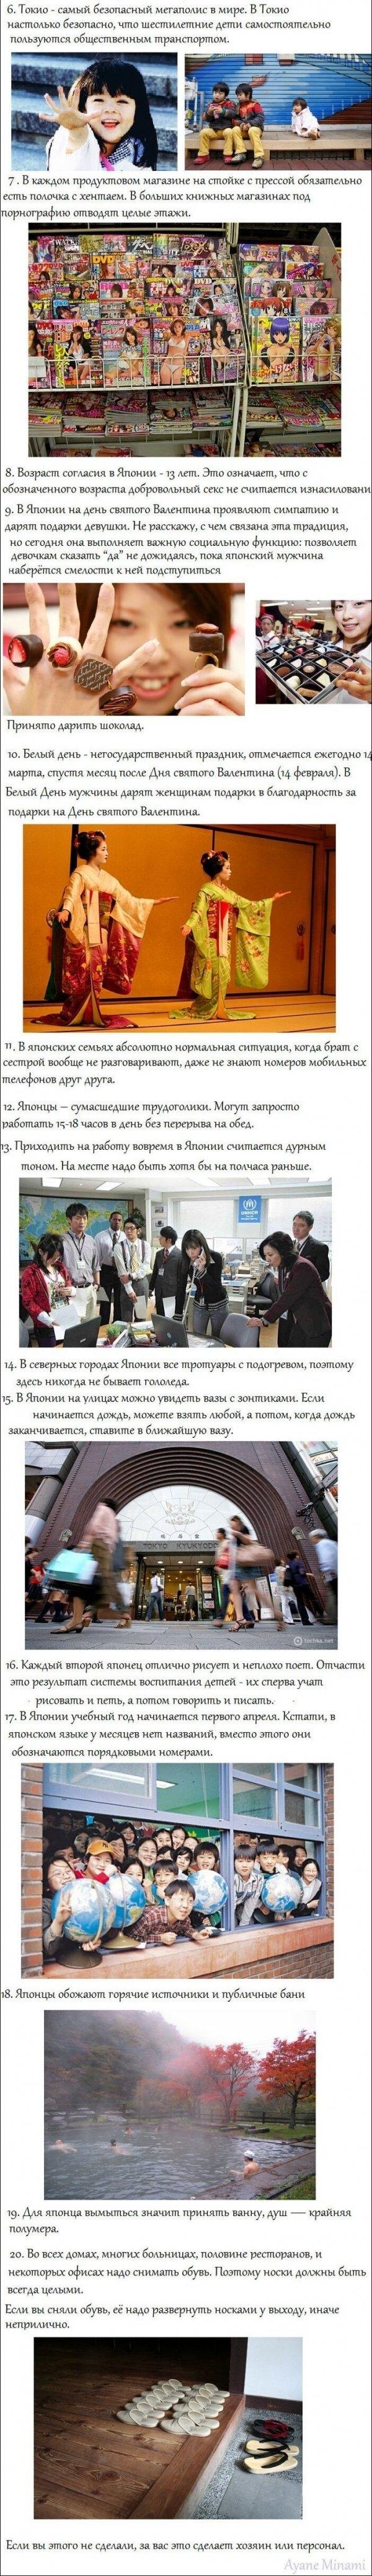 Несколько фактов о Японии